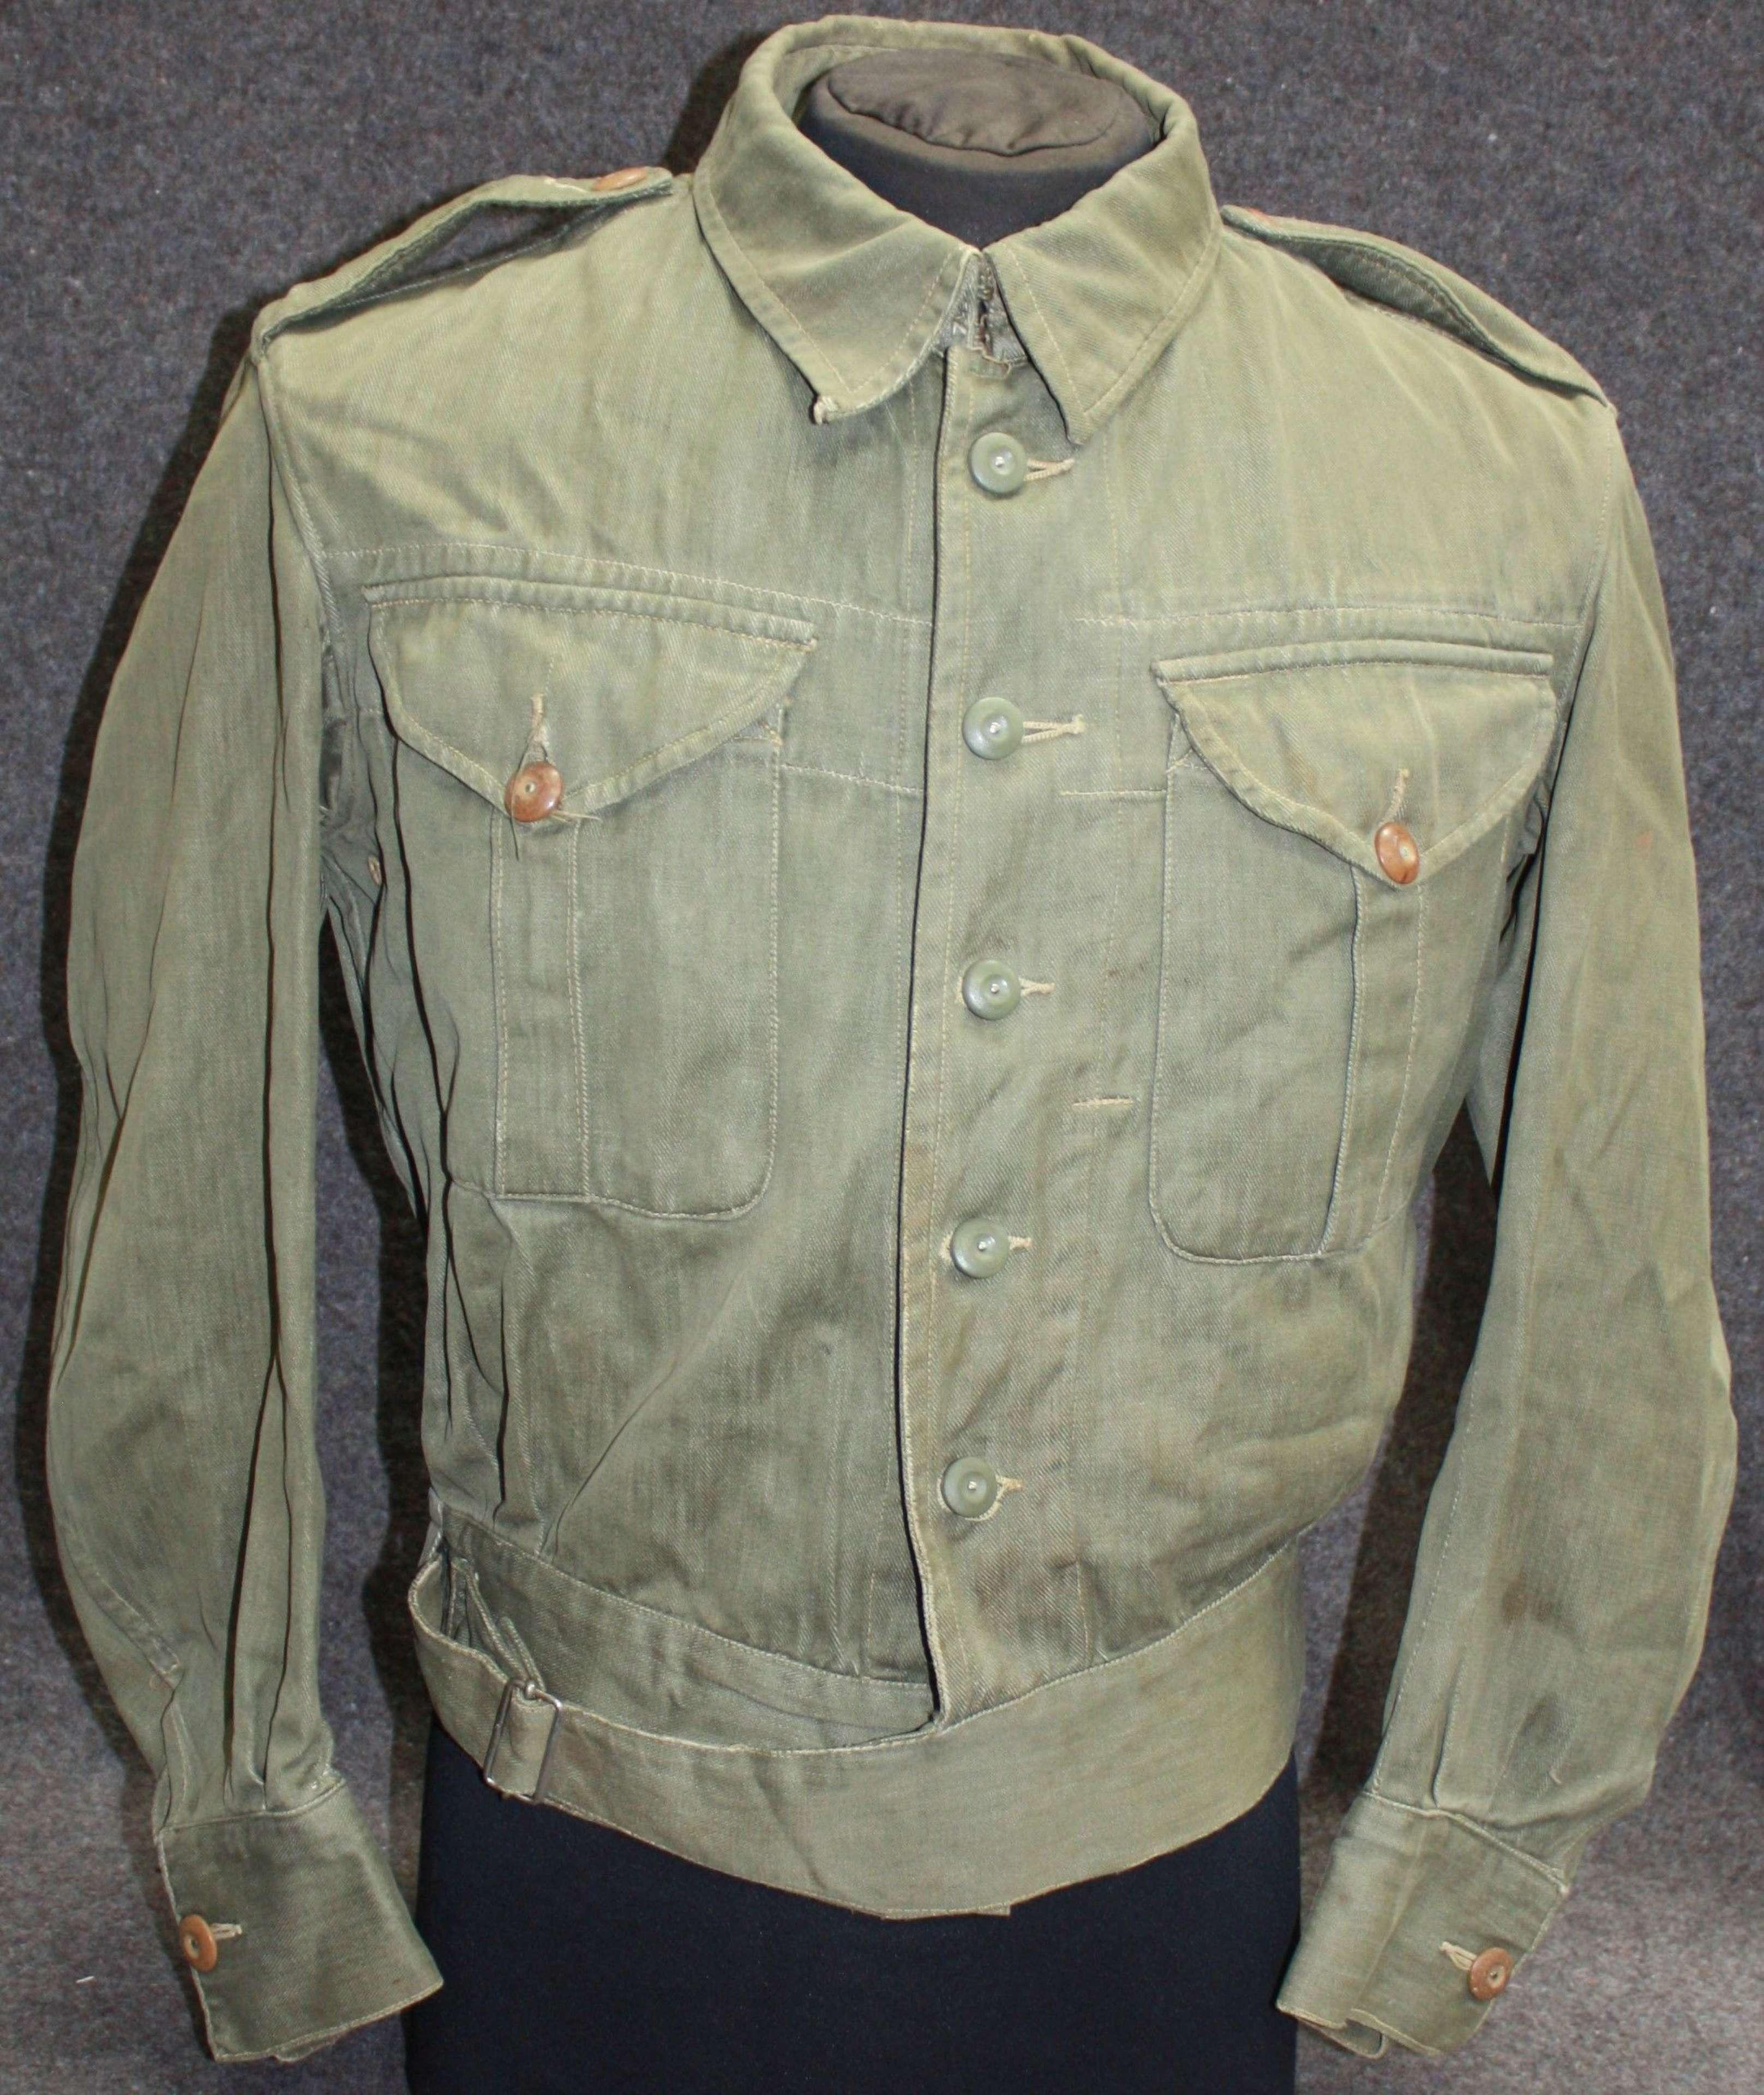 A GOOD USED EARLY WAR PATTERN DENIM BATTLE DRESS BLOUSE